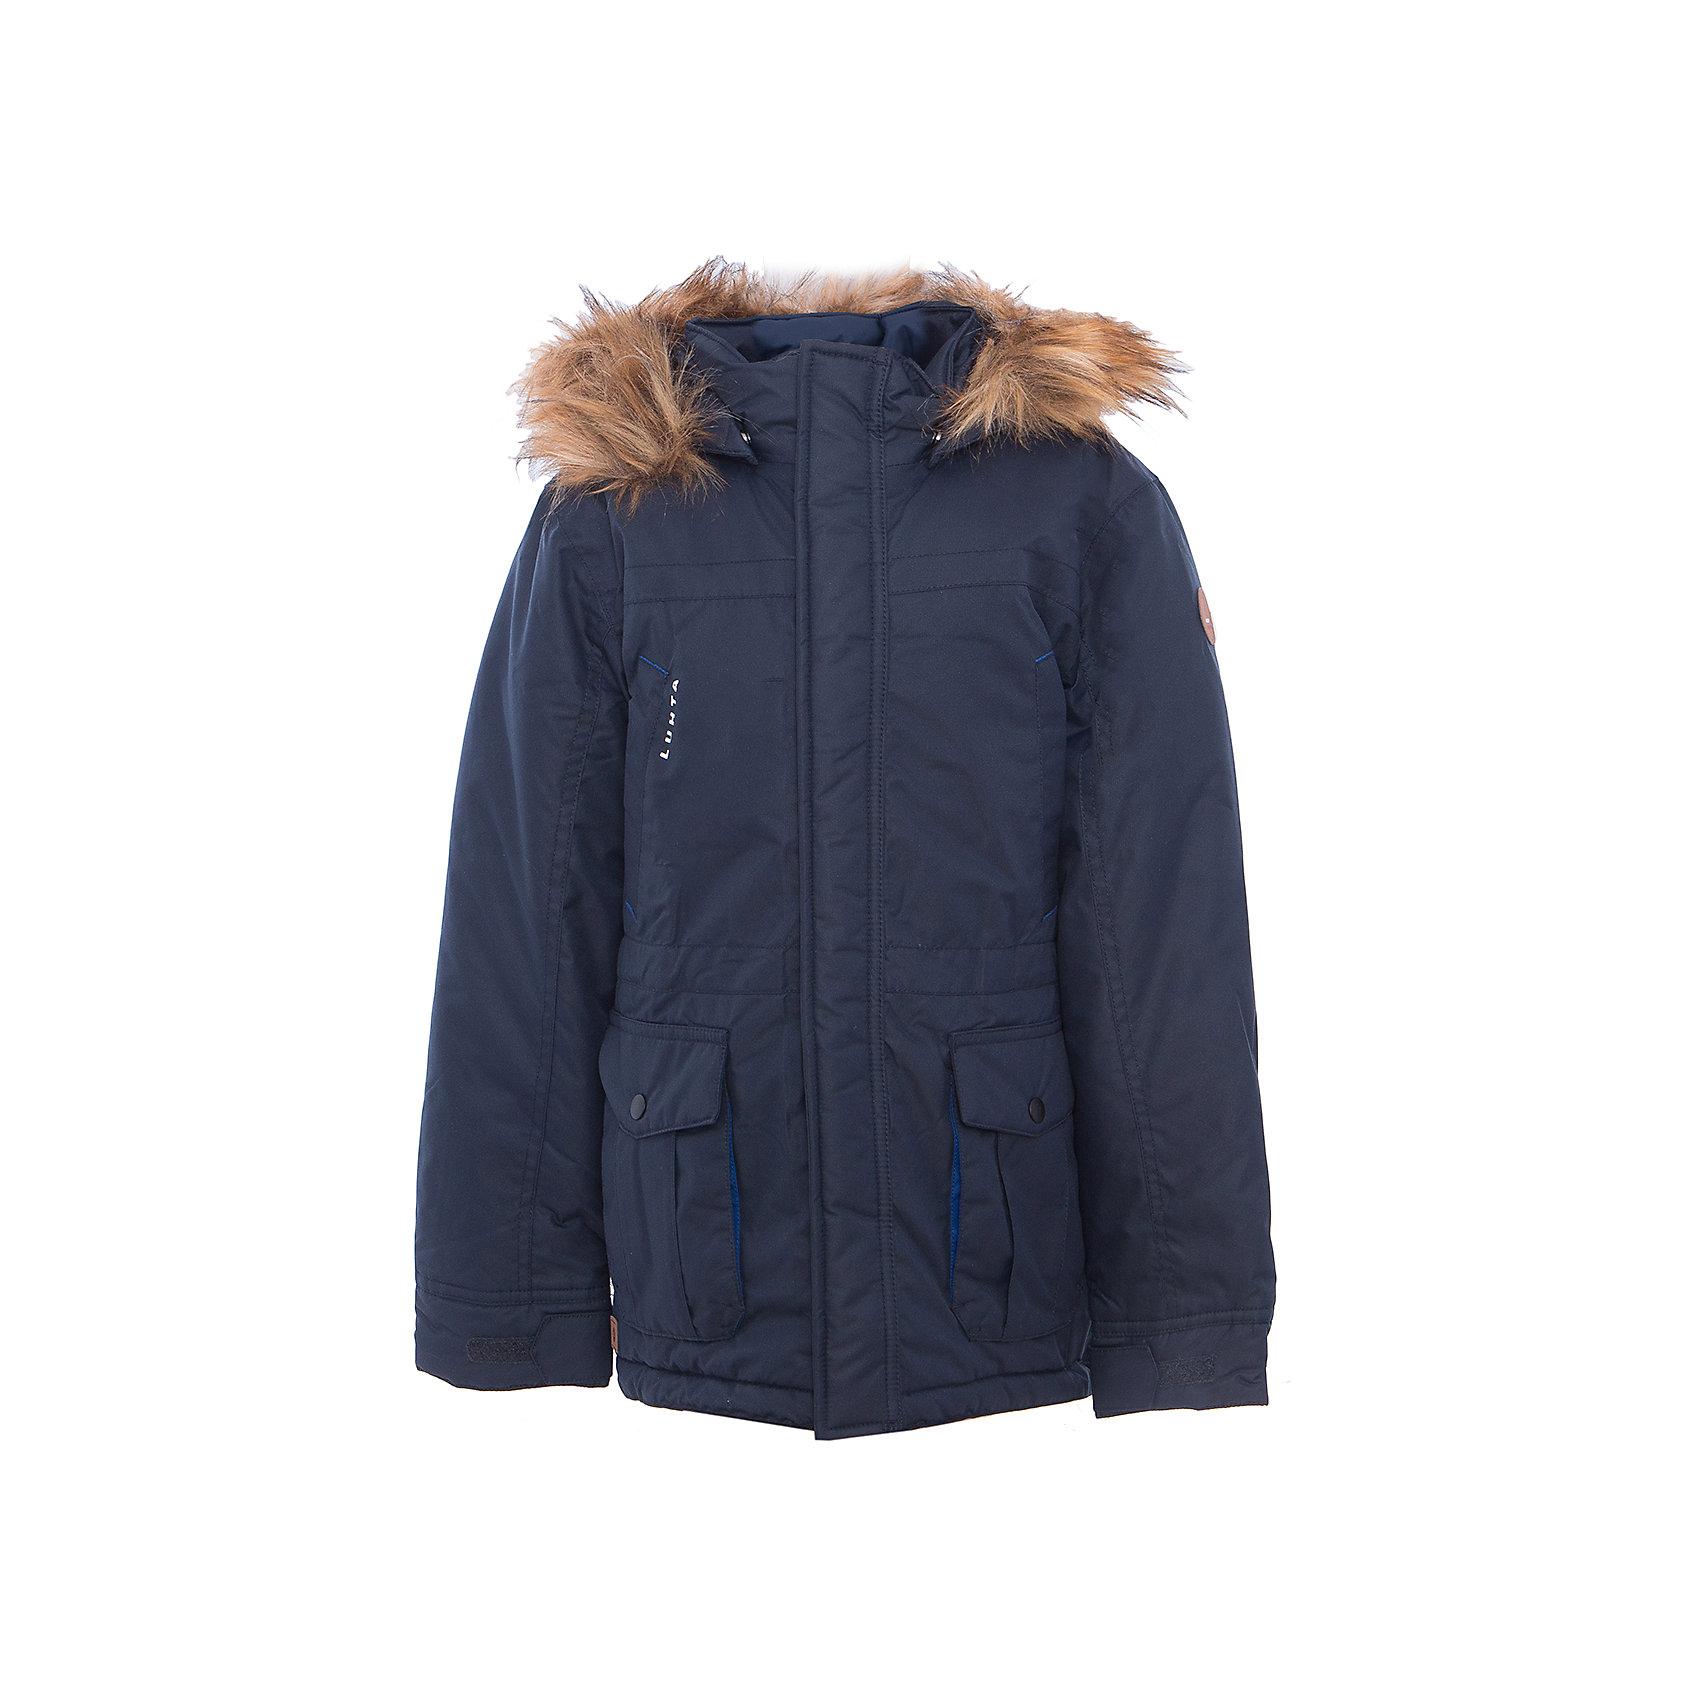 Куртка для мальчика LuhtaОдежда<br>Куртка для мальчика от известного бренда Luhta.<br>Парка с отстегивающимся капюшон, капюшон с искусственным мехом, регулируемая утяжка на талии и в нижней части куртки, на рукавах регулируемая липучка, молния закрыта планкой, накладные теплые карманы, водоотталкивающее покрытие, утепление 200 гр., искусственный утеплитель Finwad, рекомендуемый температурный режим до -20 град., термометр, показывающий температуру внутри верхней одежды.<br>Технологии: Luhta WATER REPELLENT, Luhta BREATHABLE, 3000/3000, Luhta DIRT REPELLENT, Luhta SAFETY, Luhta FINNWAD, Luhta -30<br>Состав:<br>100% полиэстер<br><br>Ширина мм: 356<br>Глубина мм: 10<br>Высота мм: 245<br>Вес г: 519<br>Цвет: синий<br>Возраст от месяцев: 144<br>Возраст до месяцев: 156<br>Пол: Мужской<br>Возраст: Детский<br>Размер: 158,134,152<br>SKU: 5413936